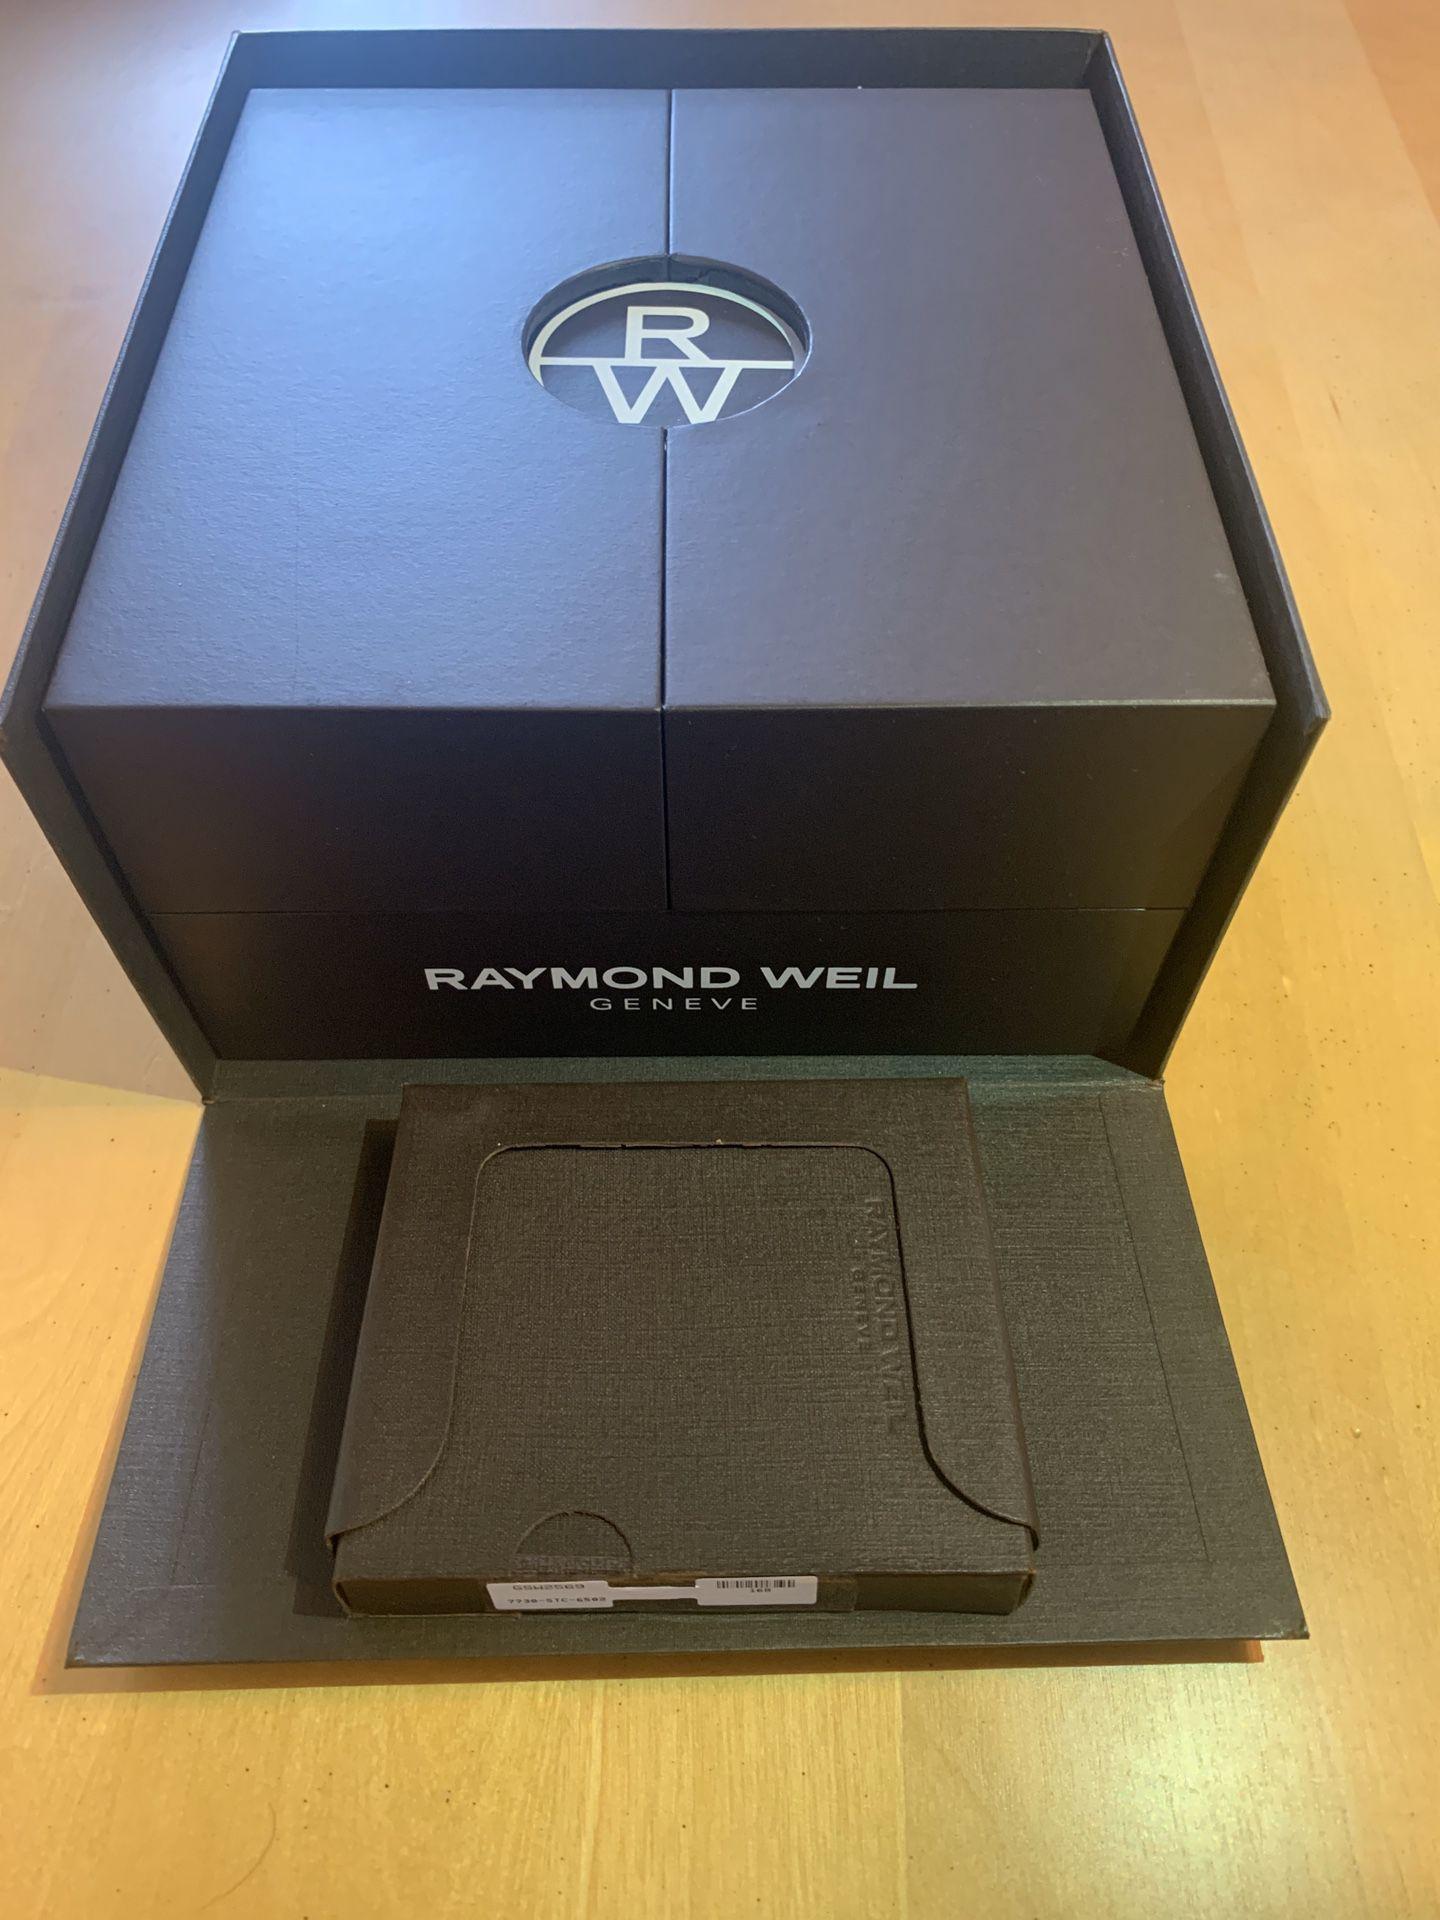 Raymond Weil rose gold men's watch